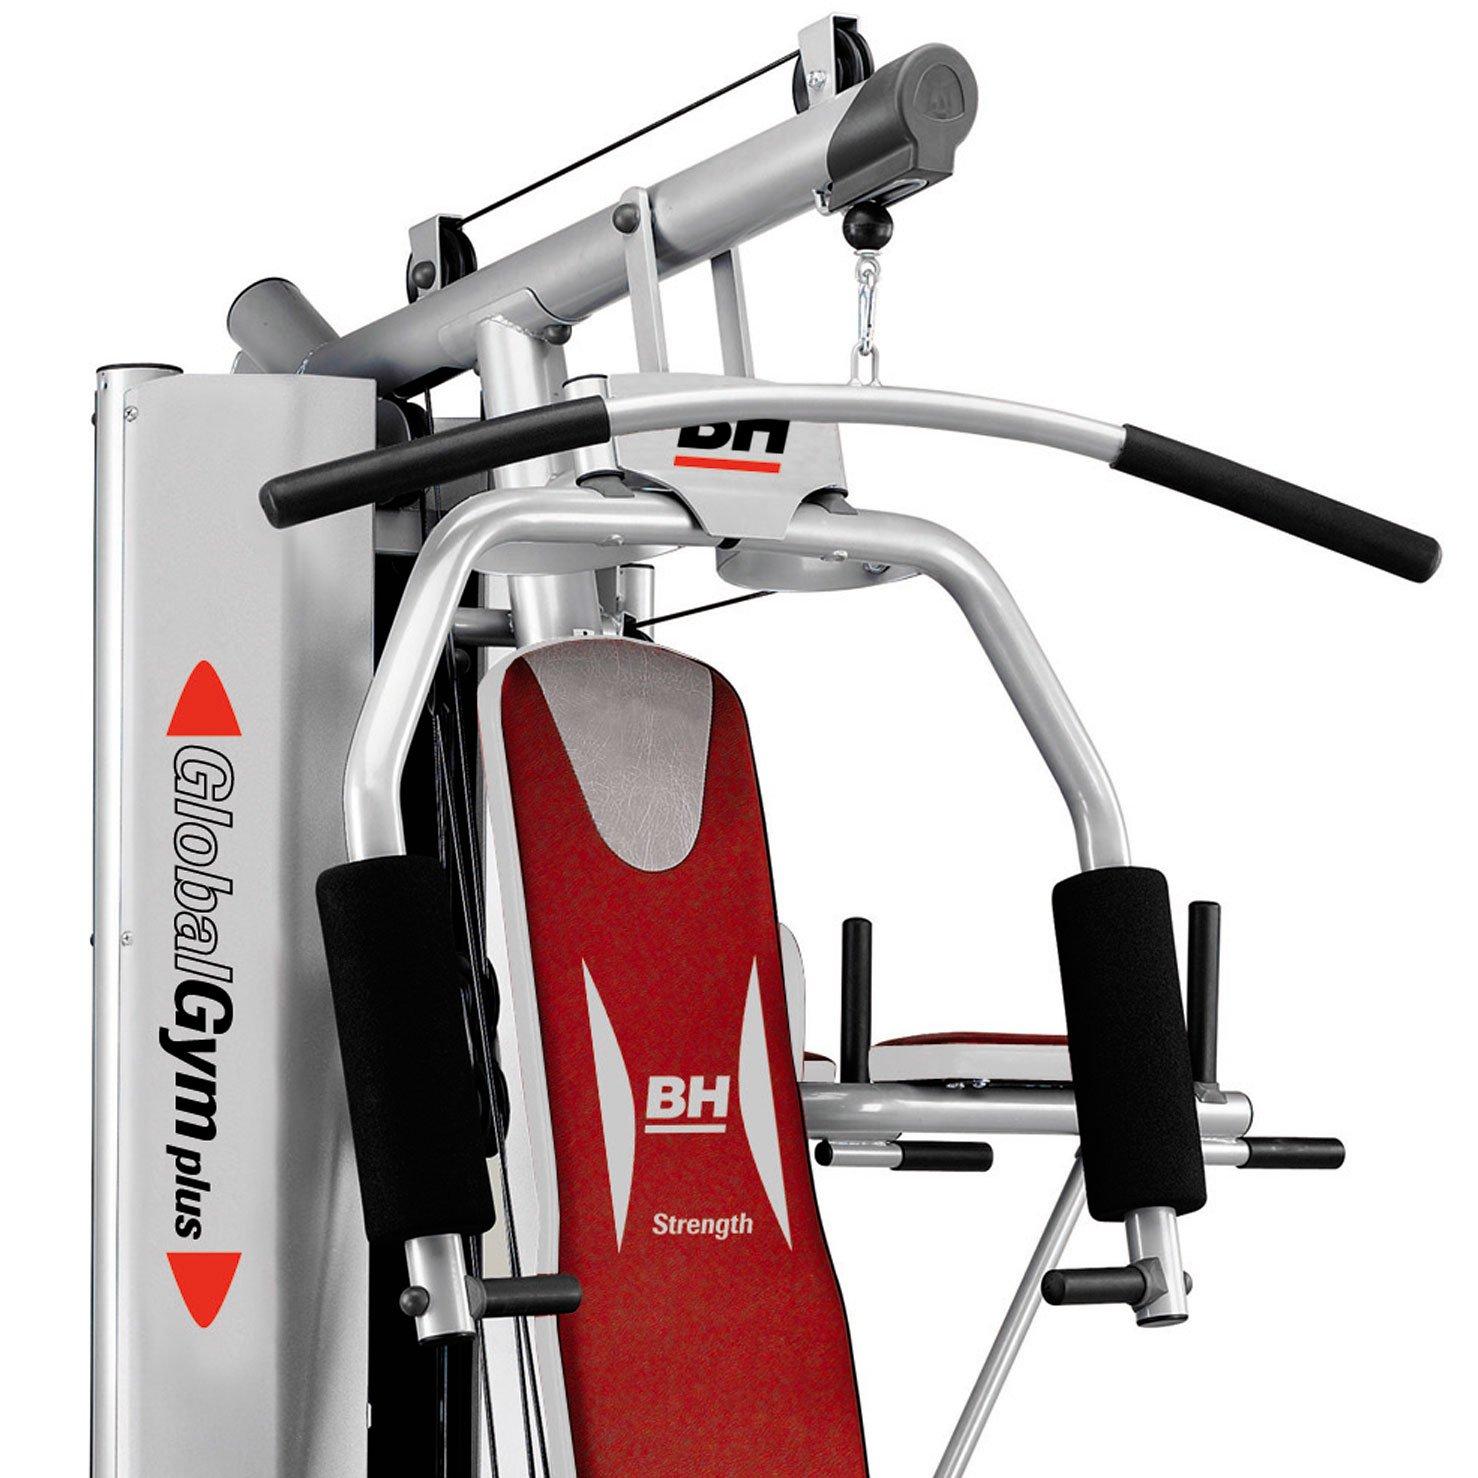 BH Fitness Global Gym Plus – Máquina de fitness, Multiestación, tensión máxima 100 kg